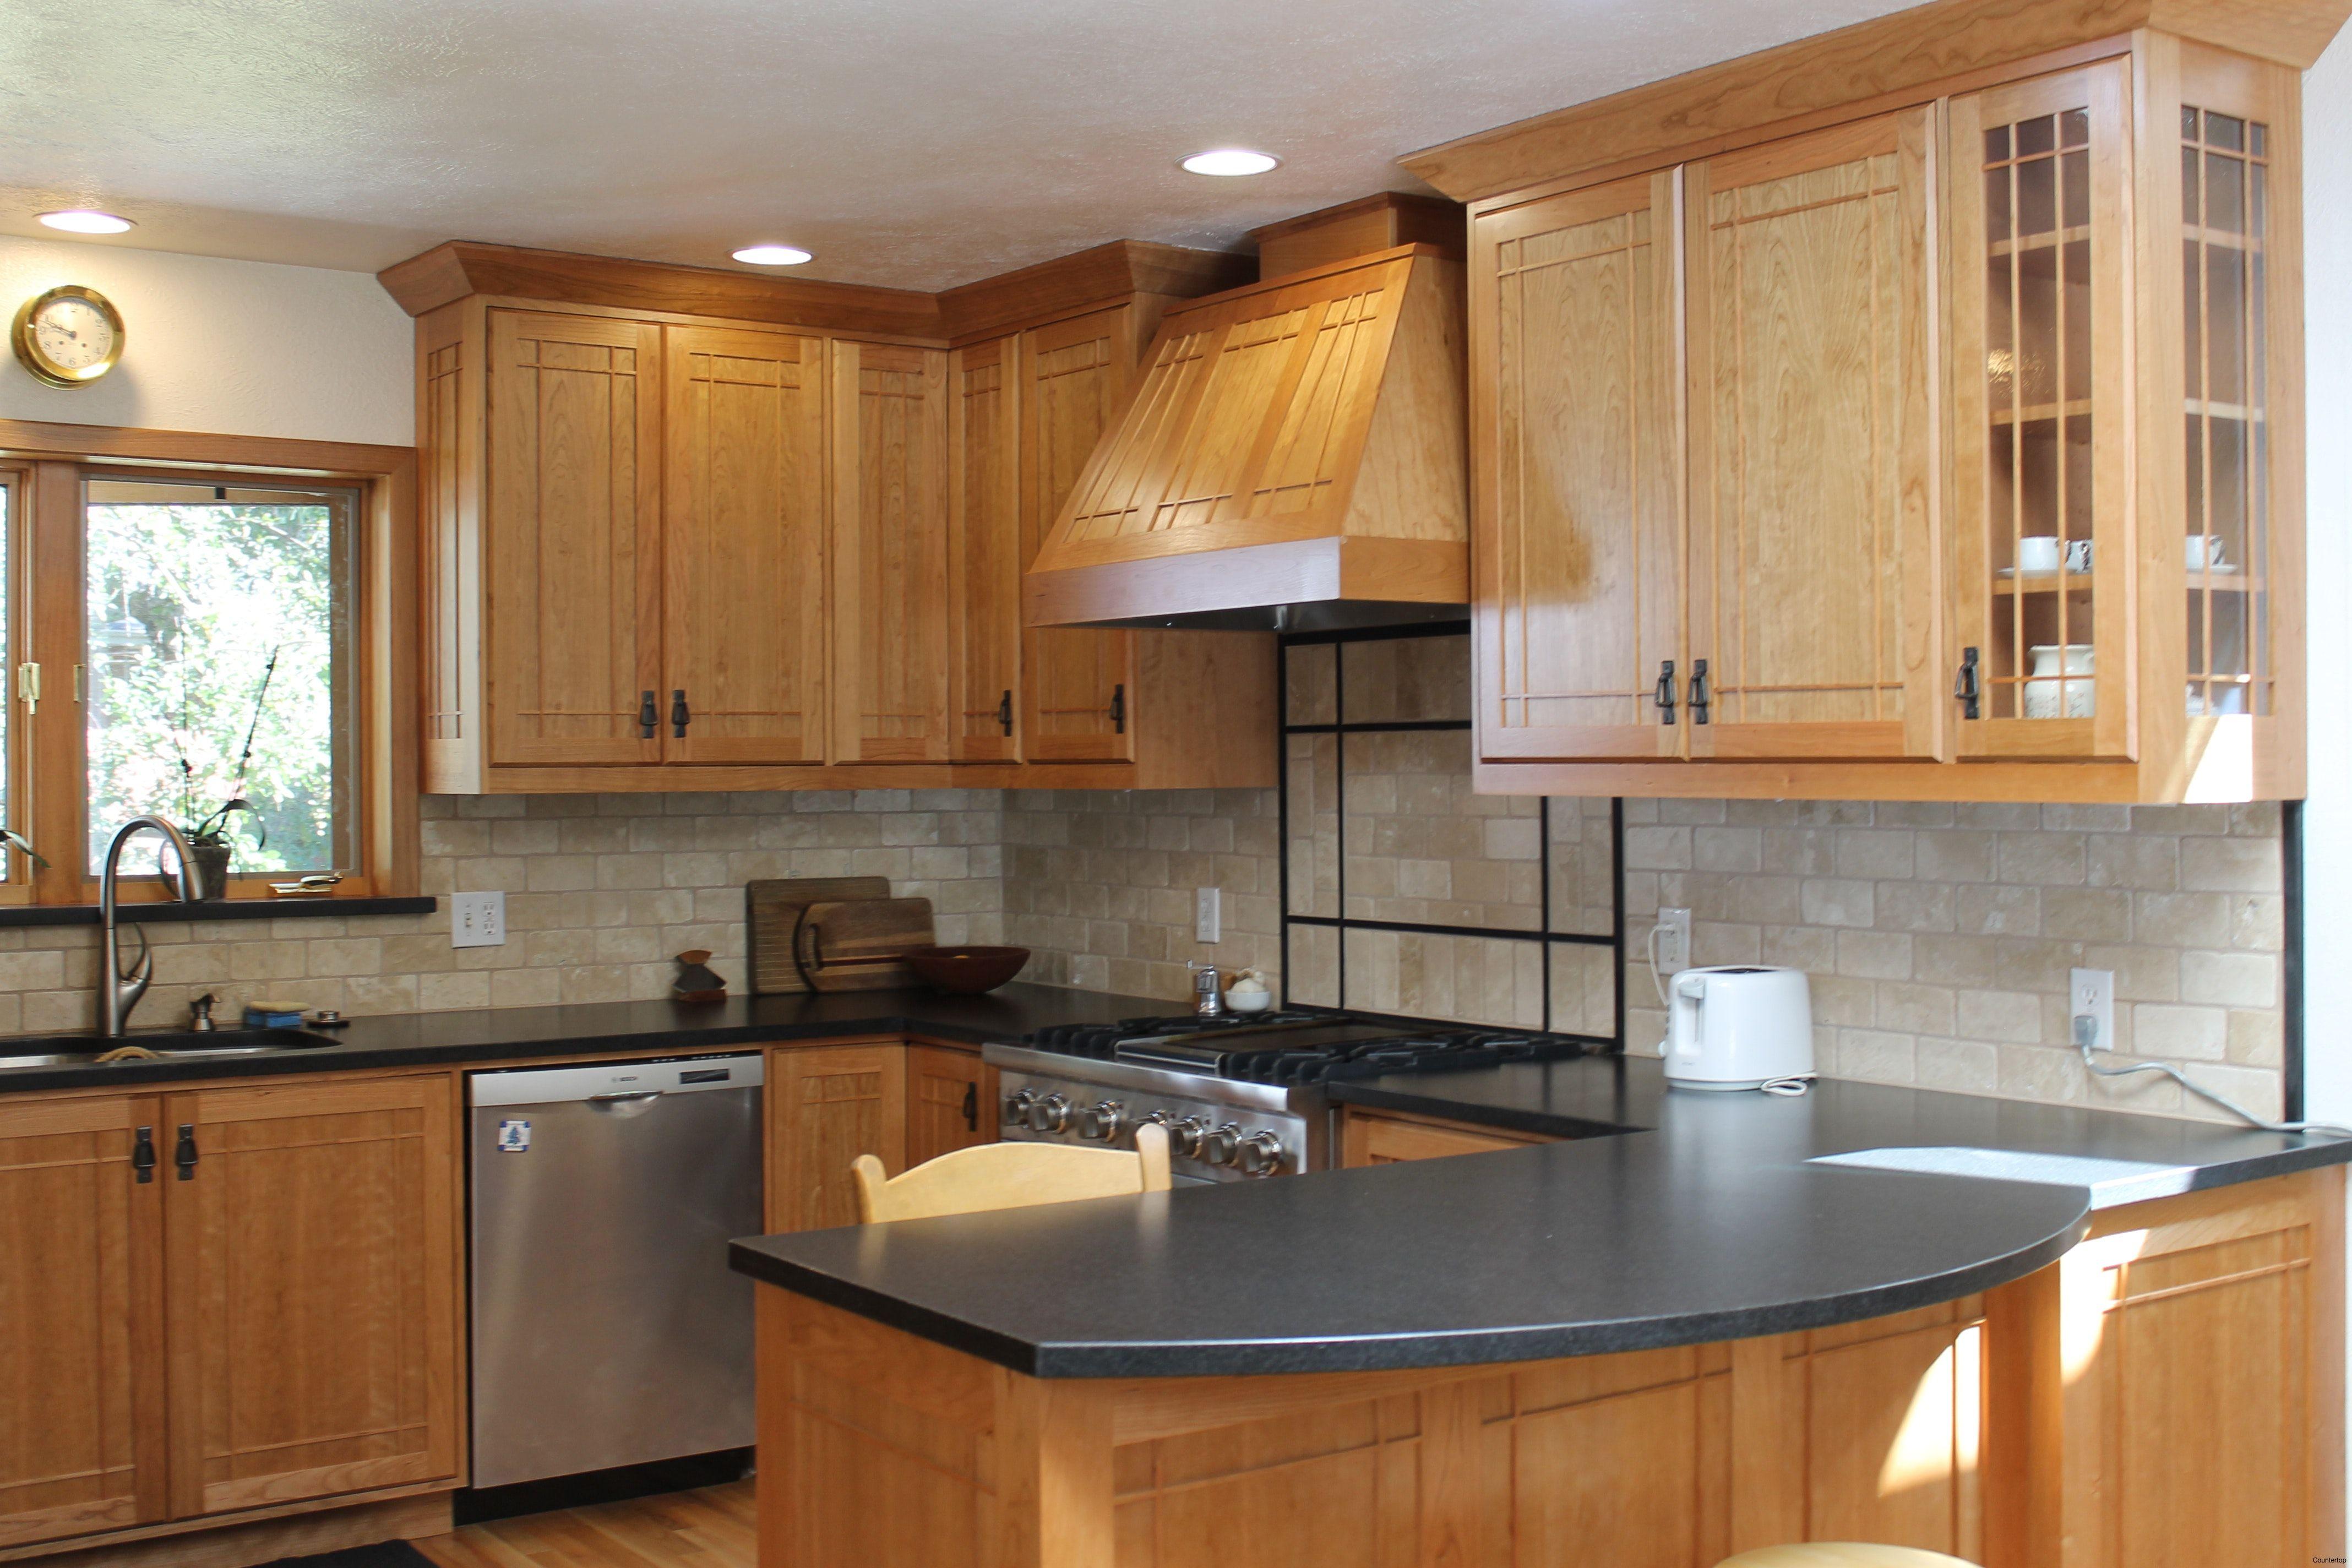 Image result for backsplash for kitchen with honey oak ... on Maple Cabinets With Backsplash  id=32949